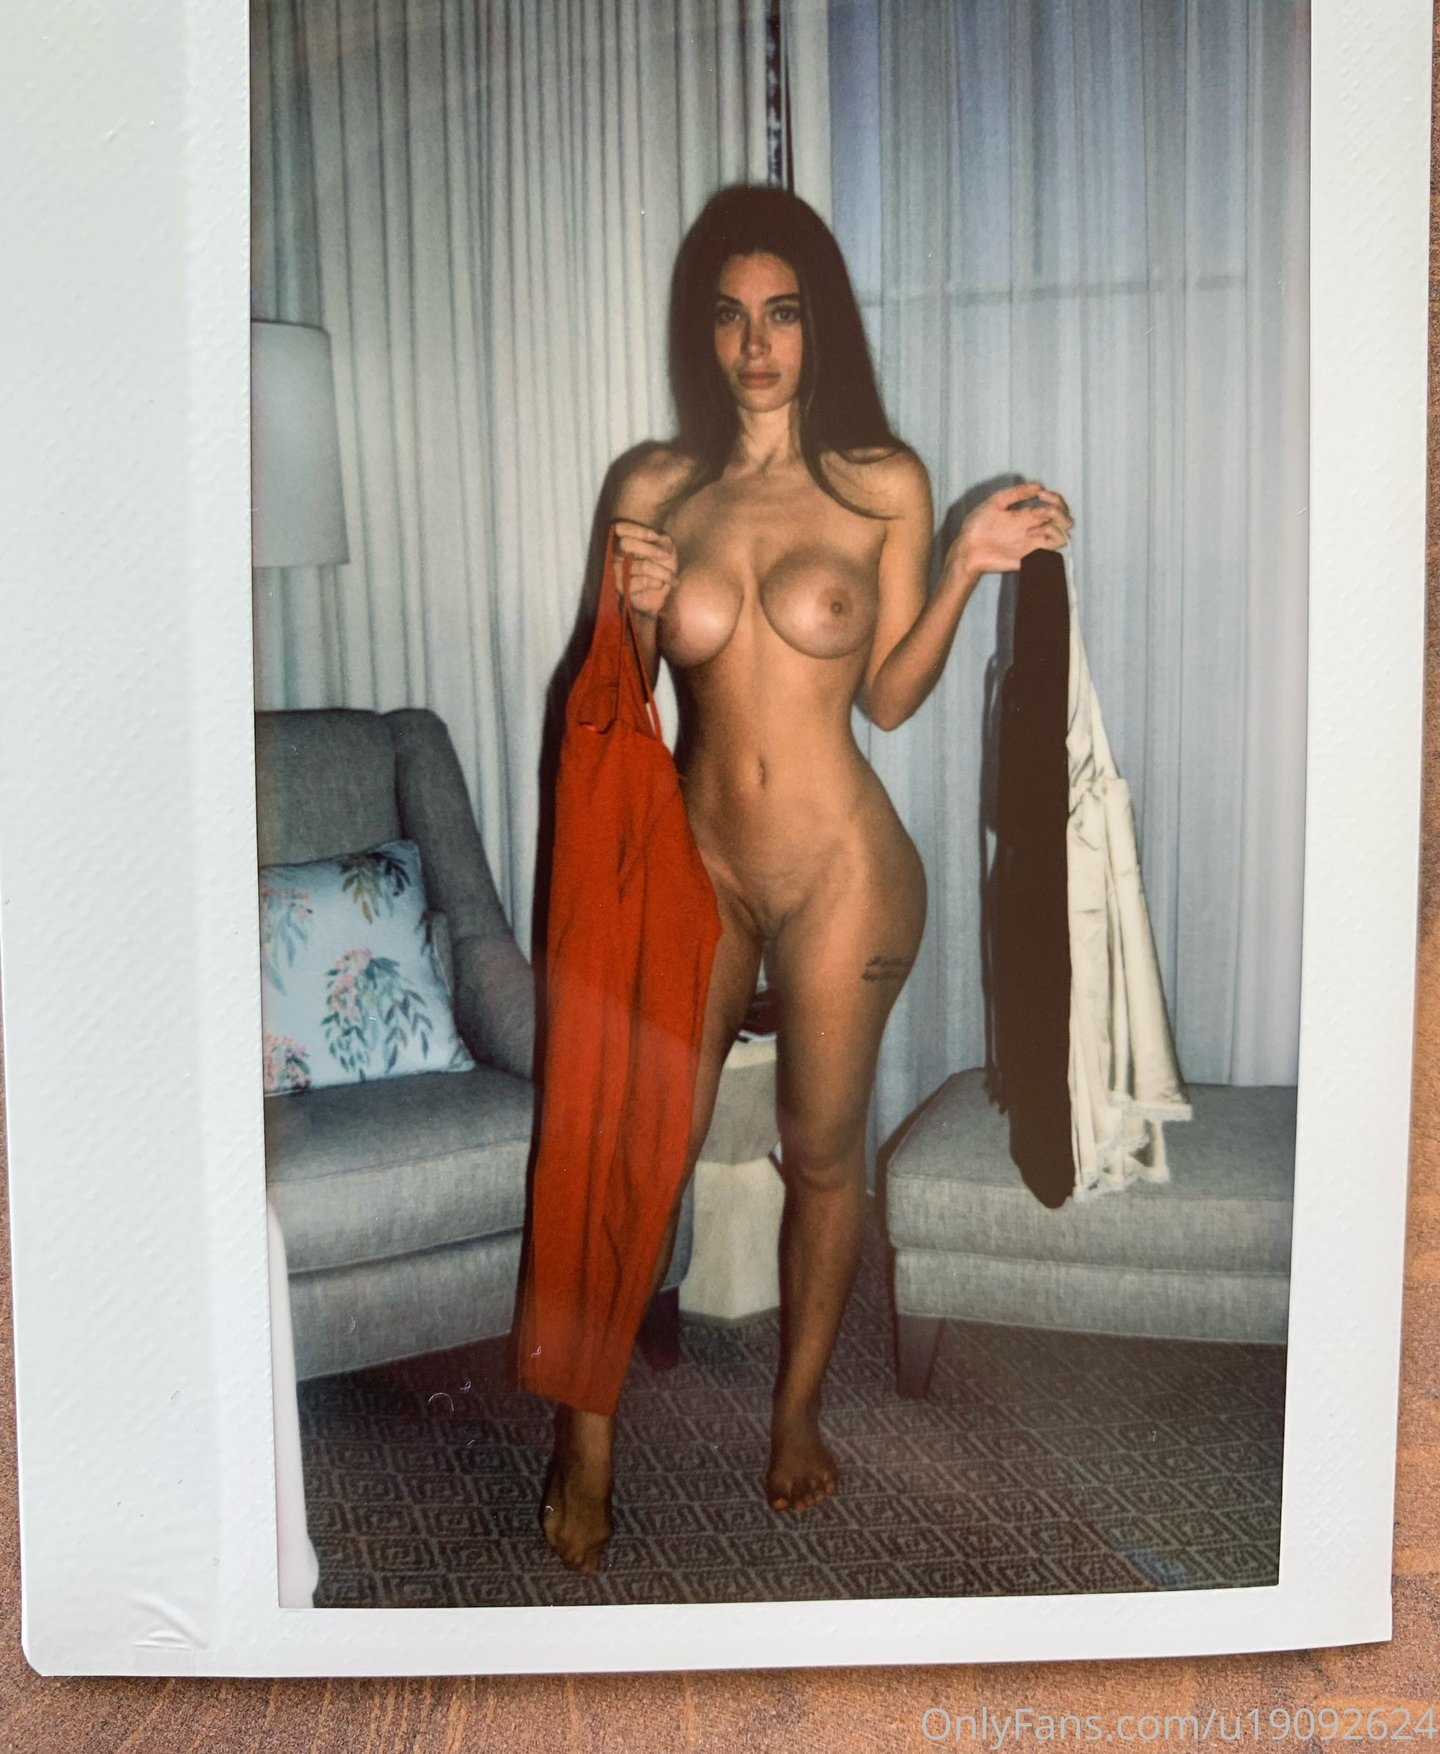 Lana Rhoades Lanarhoades Onlyfans Nude Leaks 0004